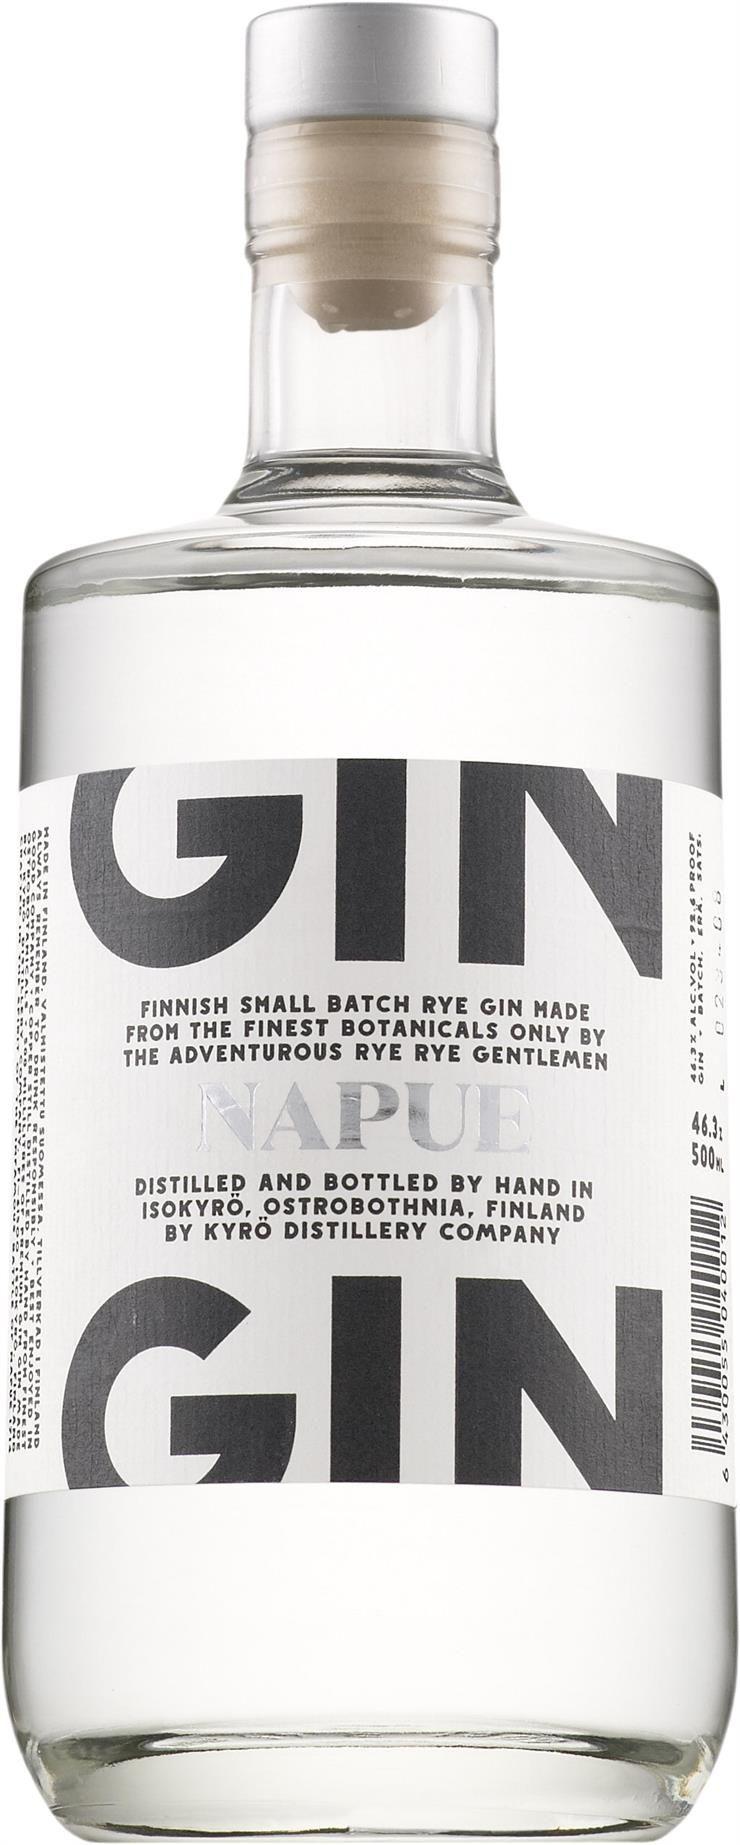 Kyrö Napue Gin - Tuotteet - Alko